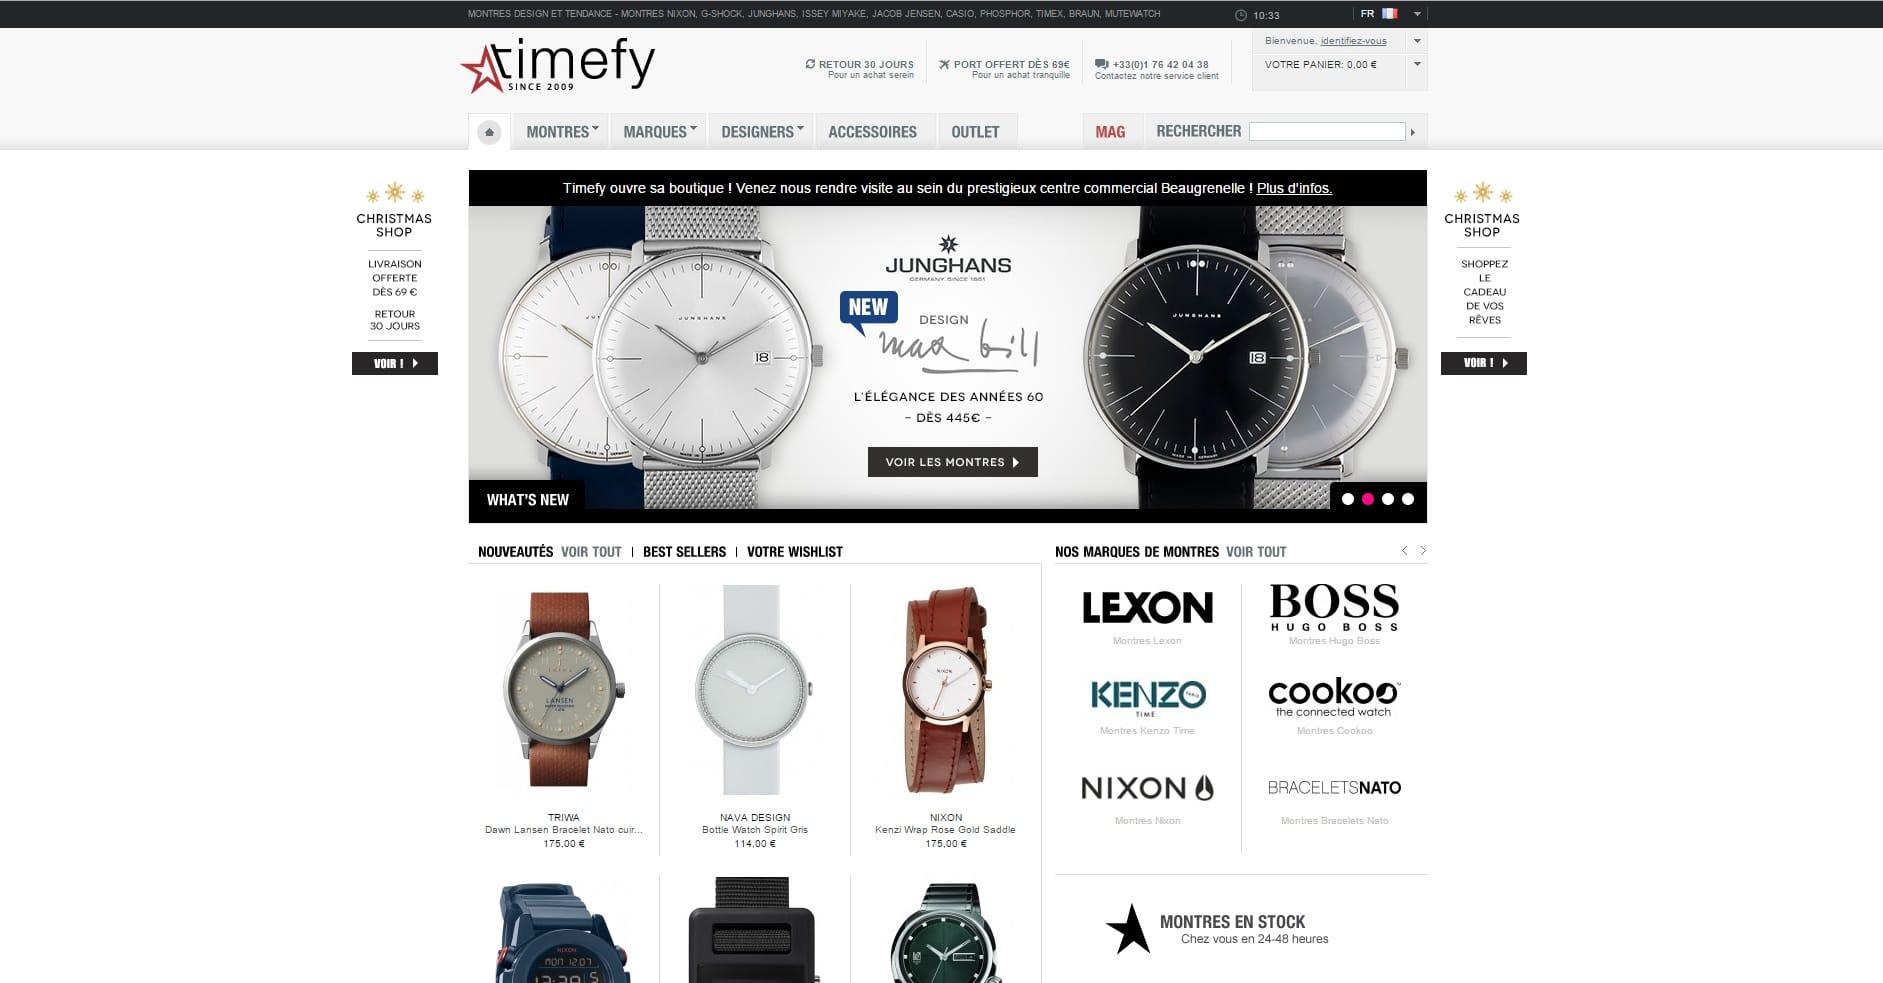 Timefy